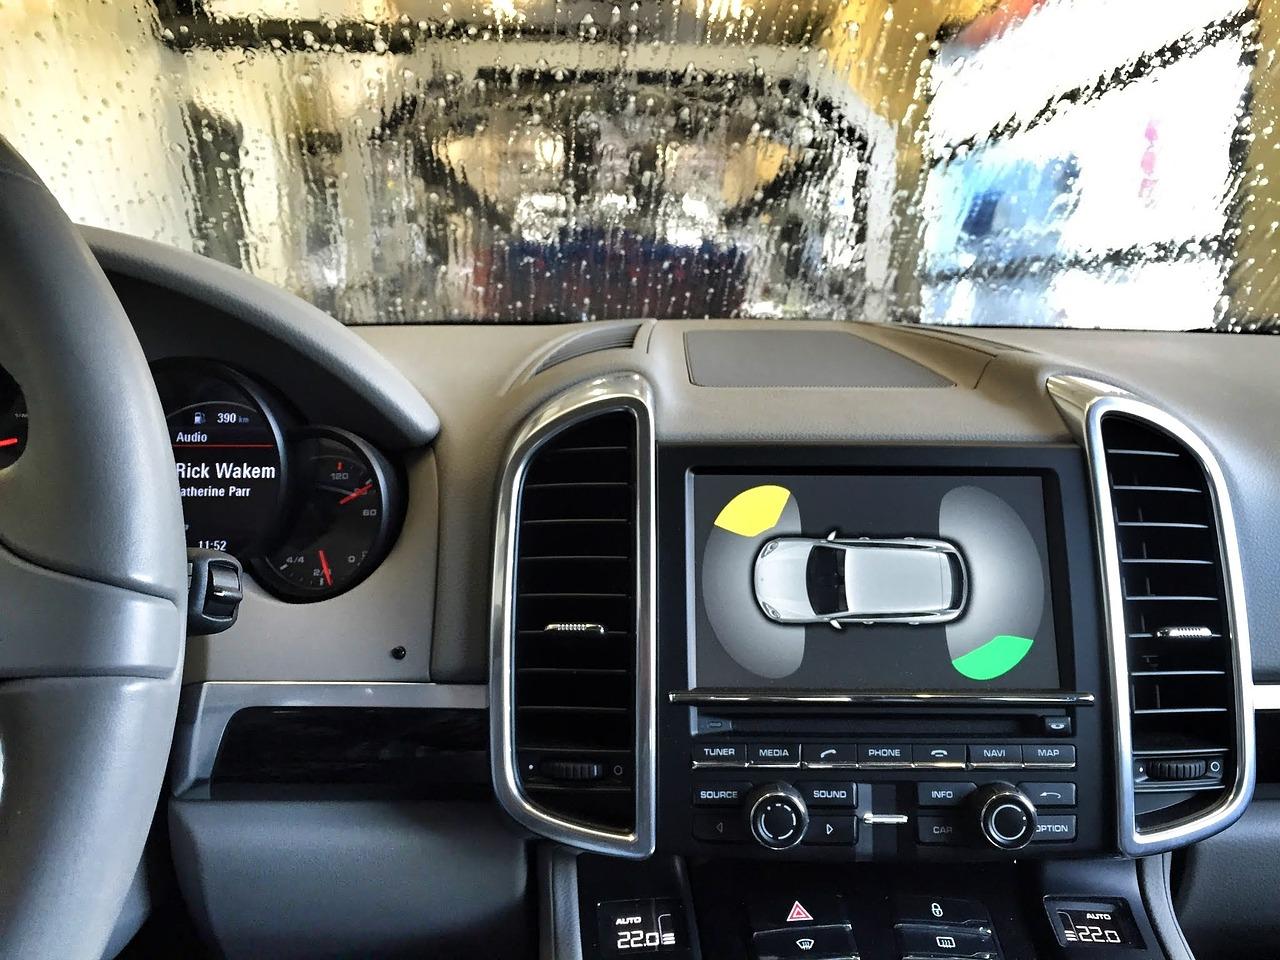 Tableau de bord d'une automobile